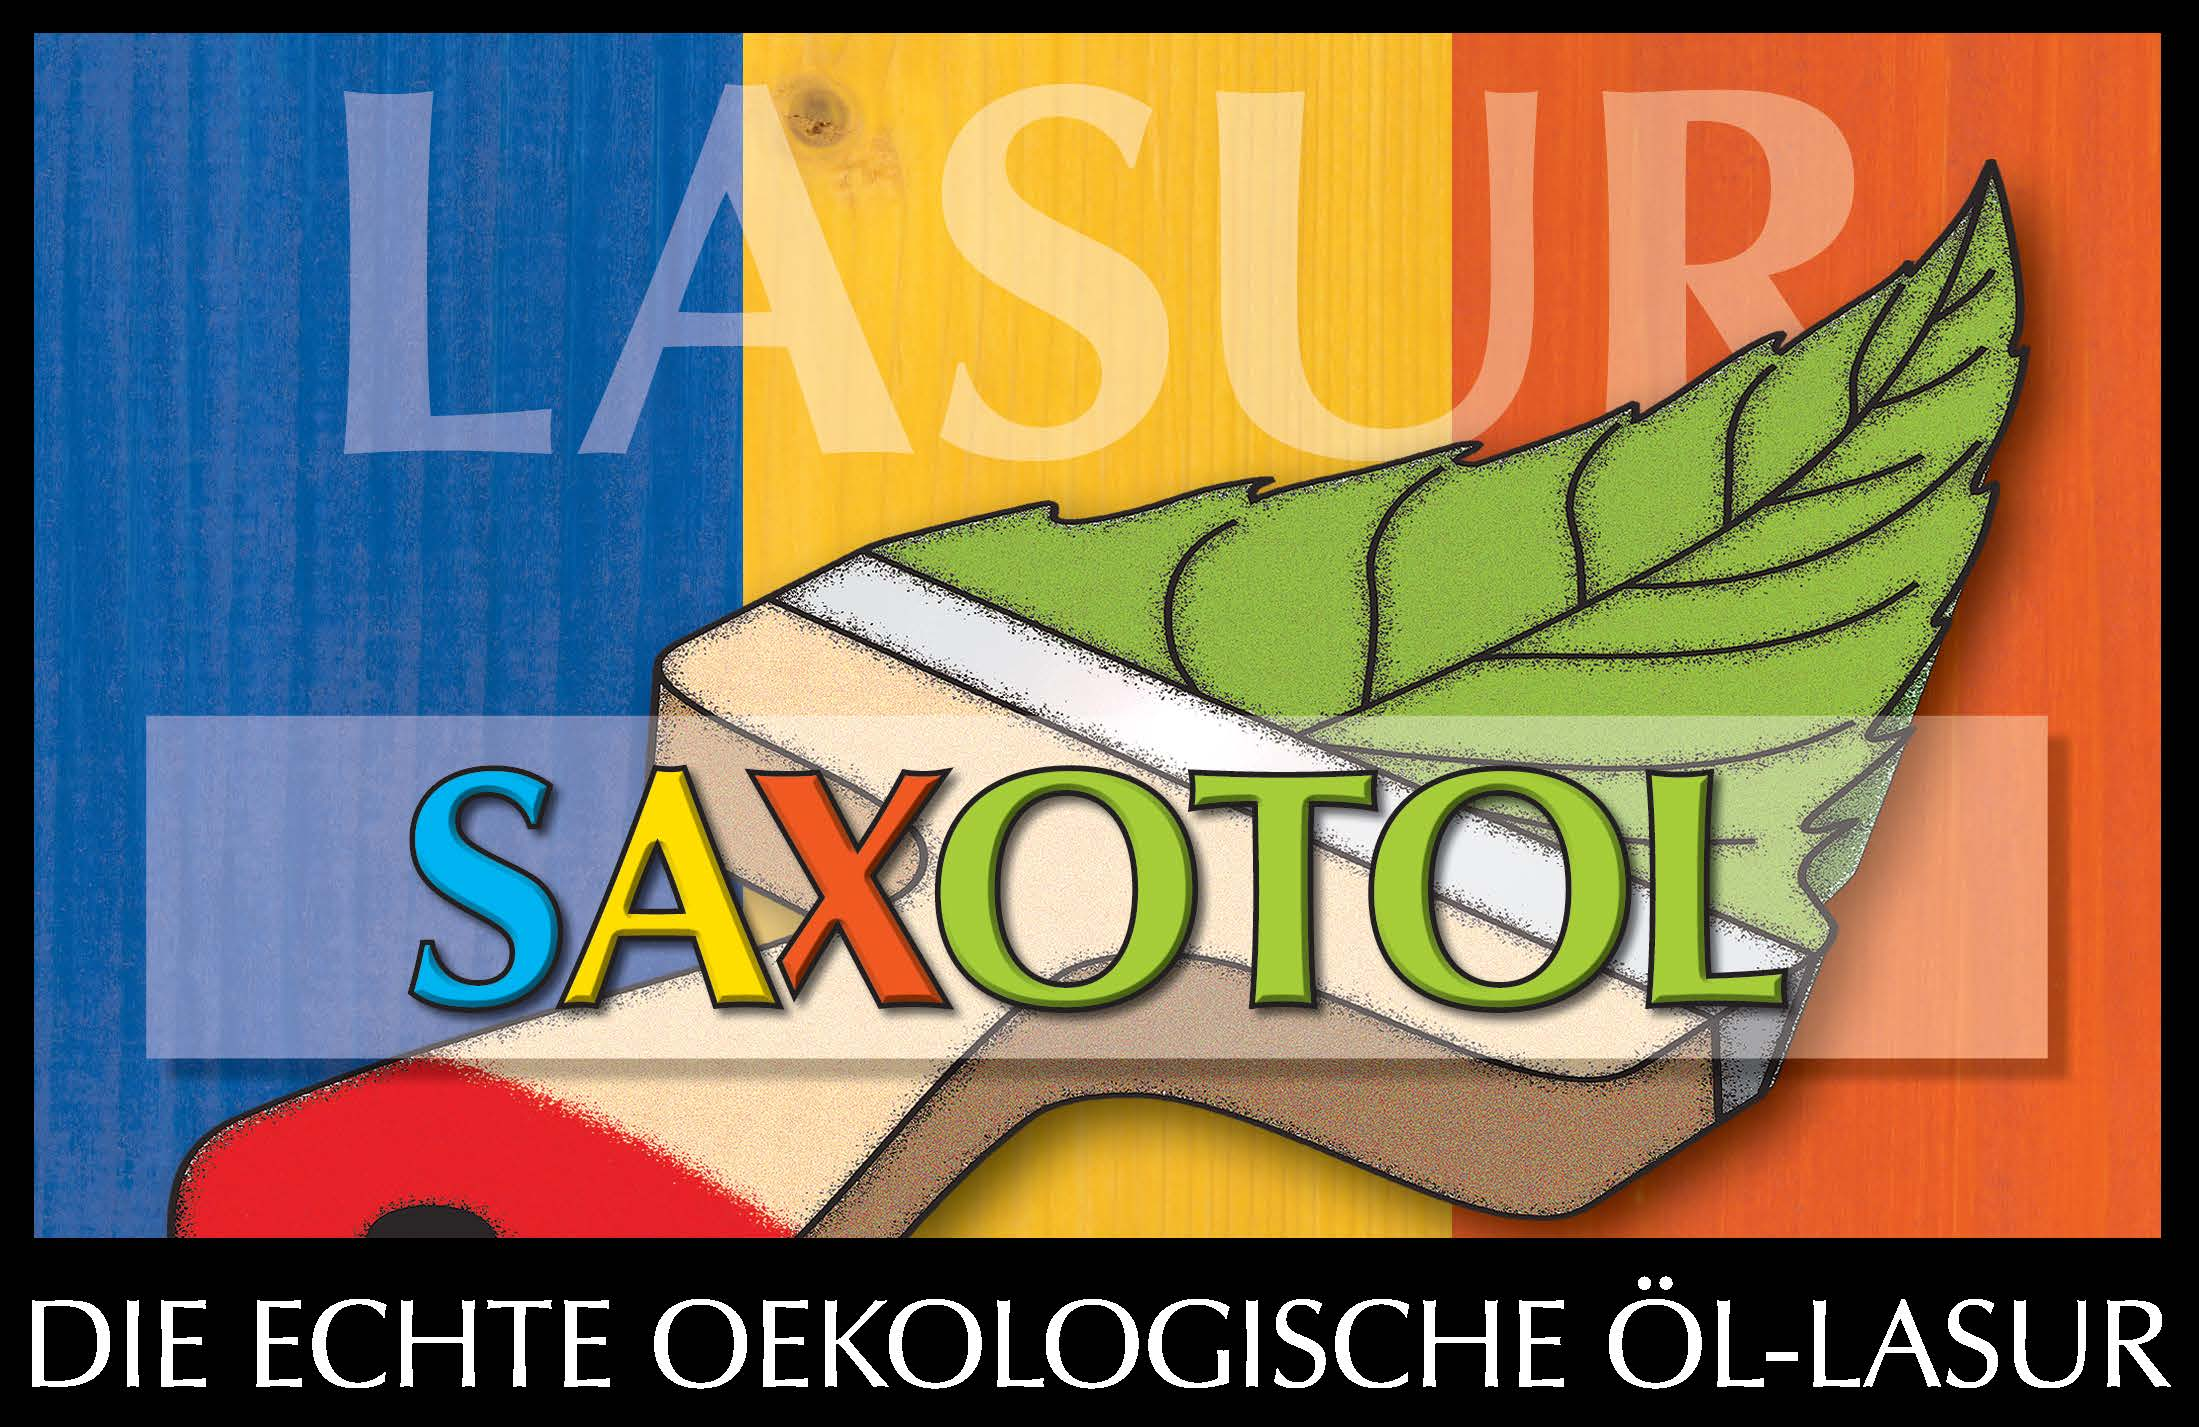 Saxotol ÖL-Lasur